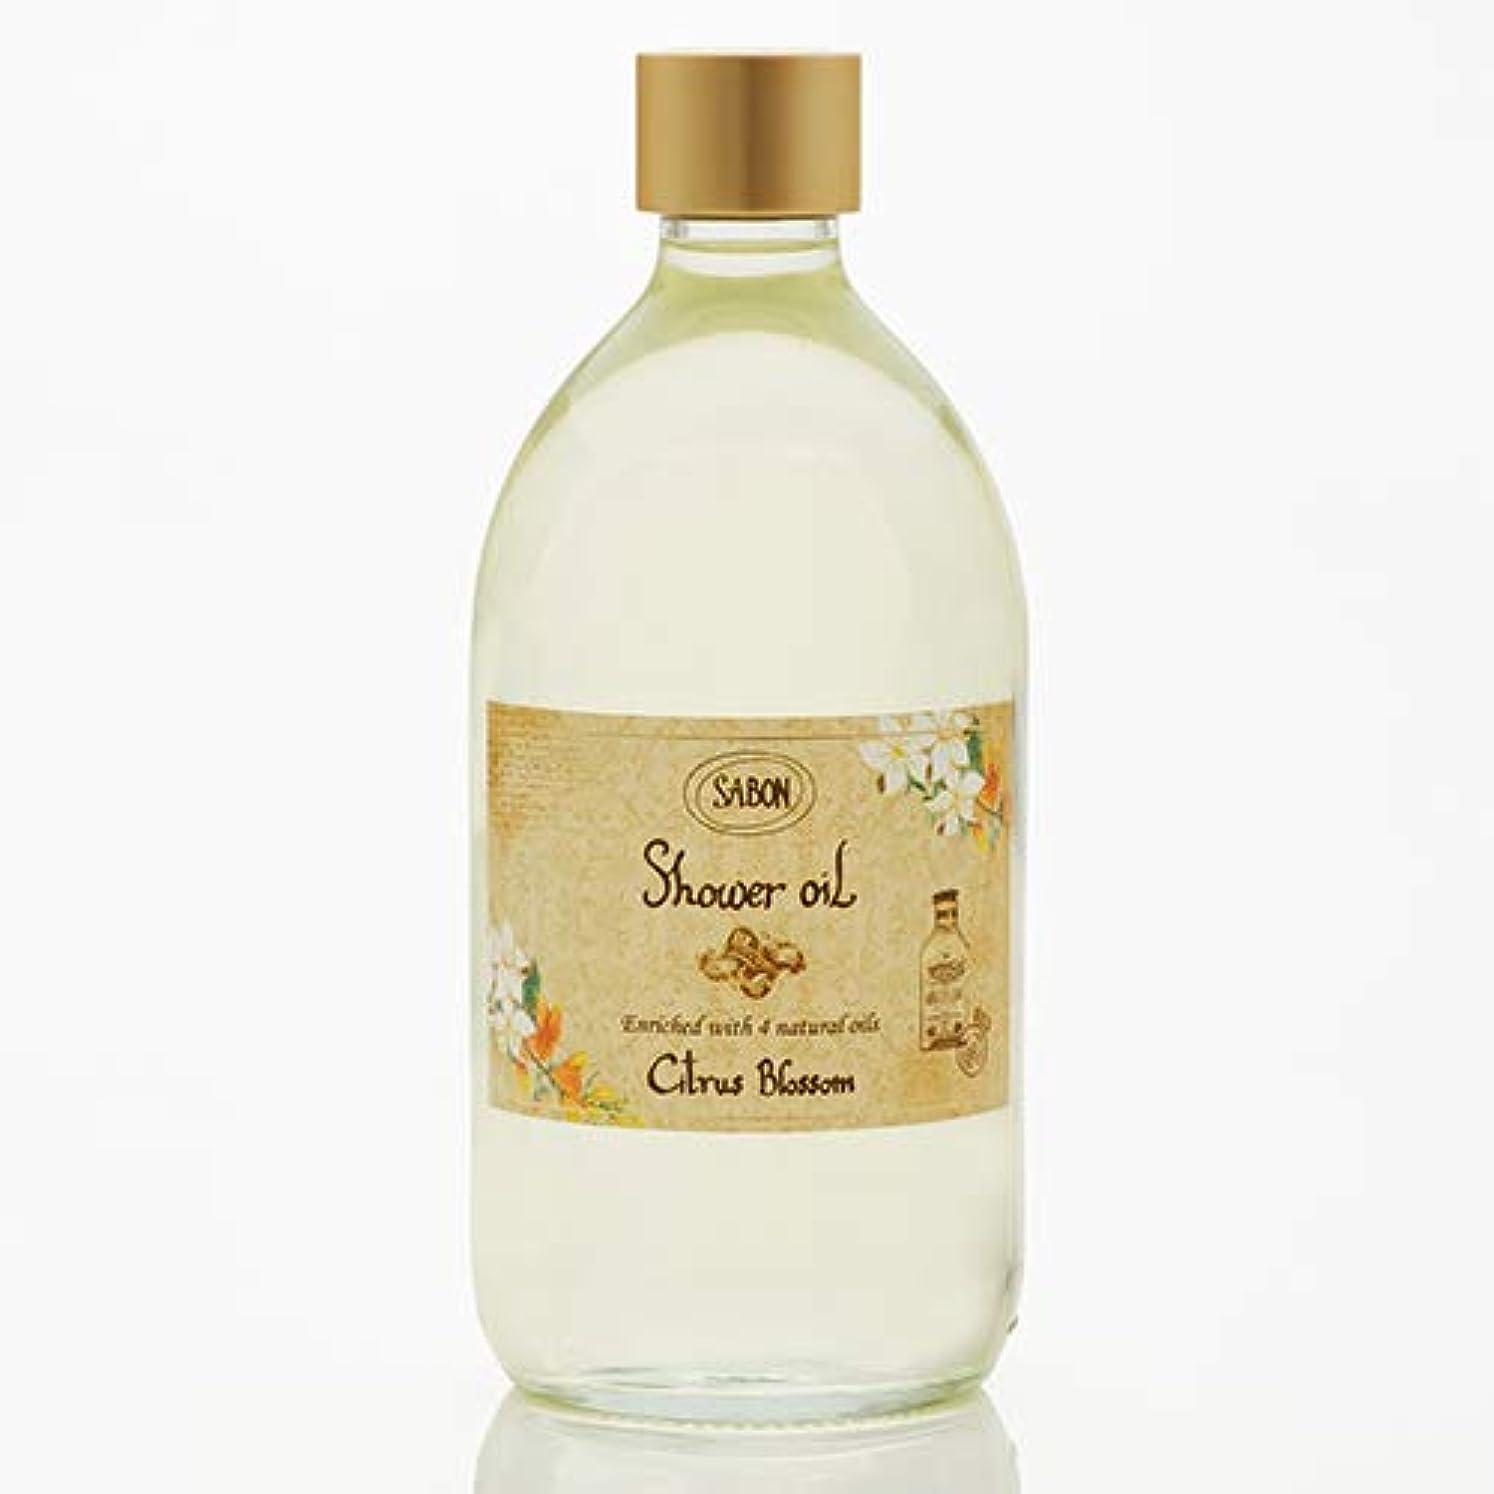 ワイン機構ラベサボン シャワーオイル シトラス ブロッサム ポンプ付き 500ml [並行輸入品]